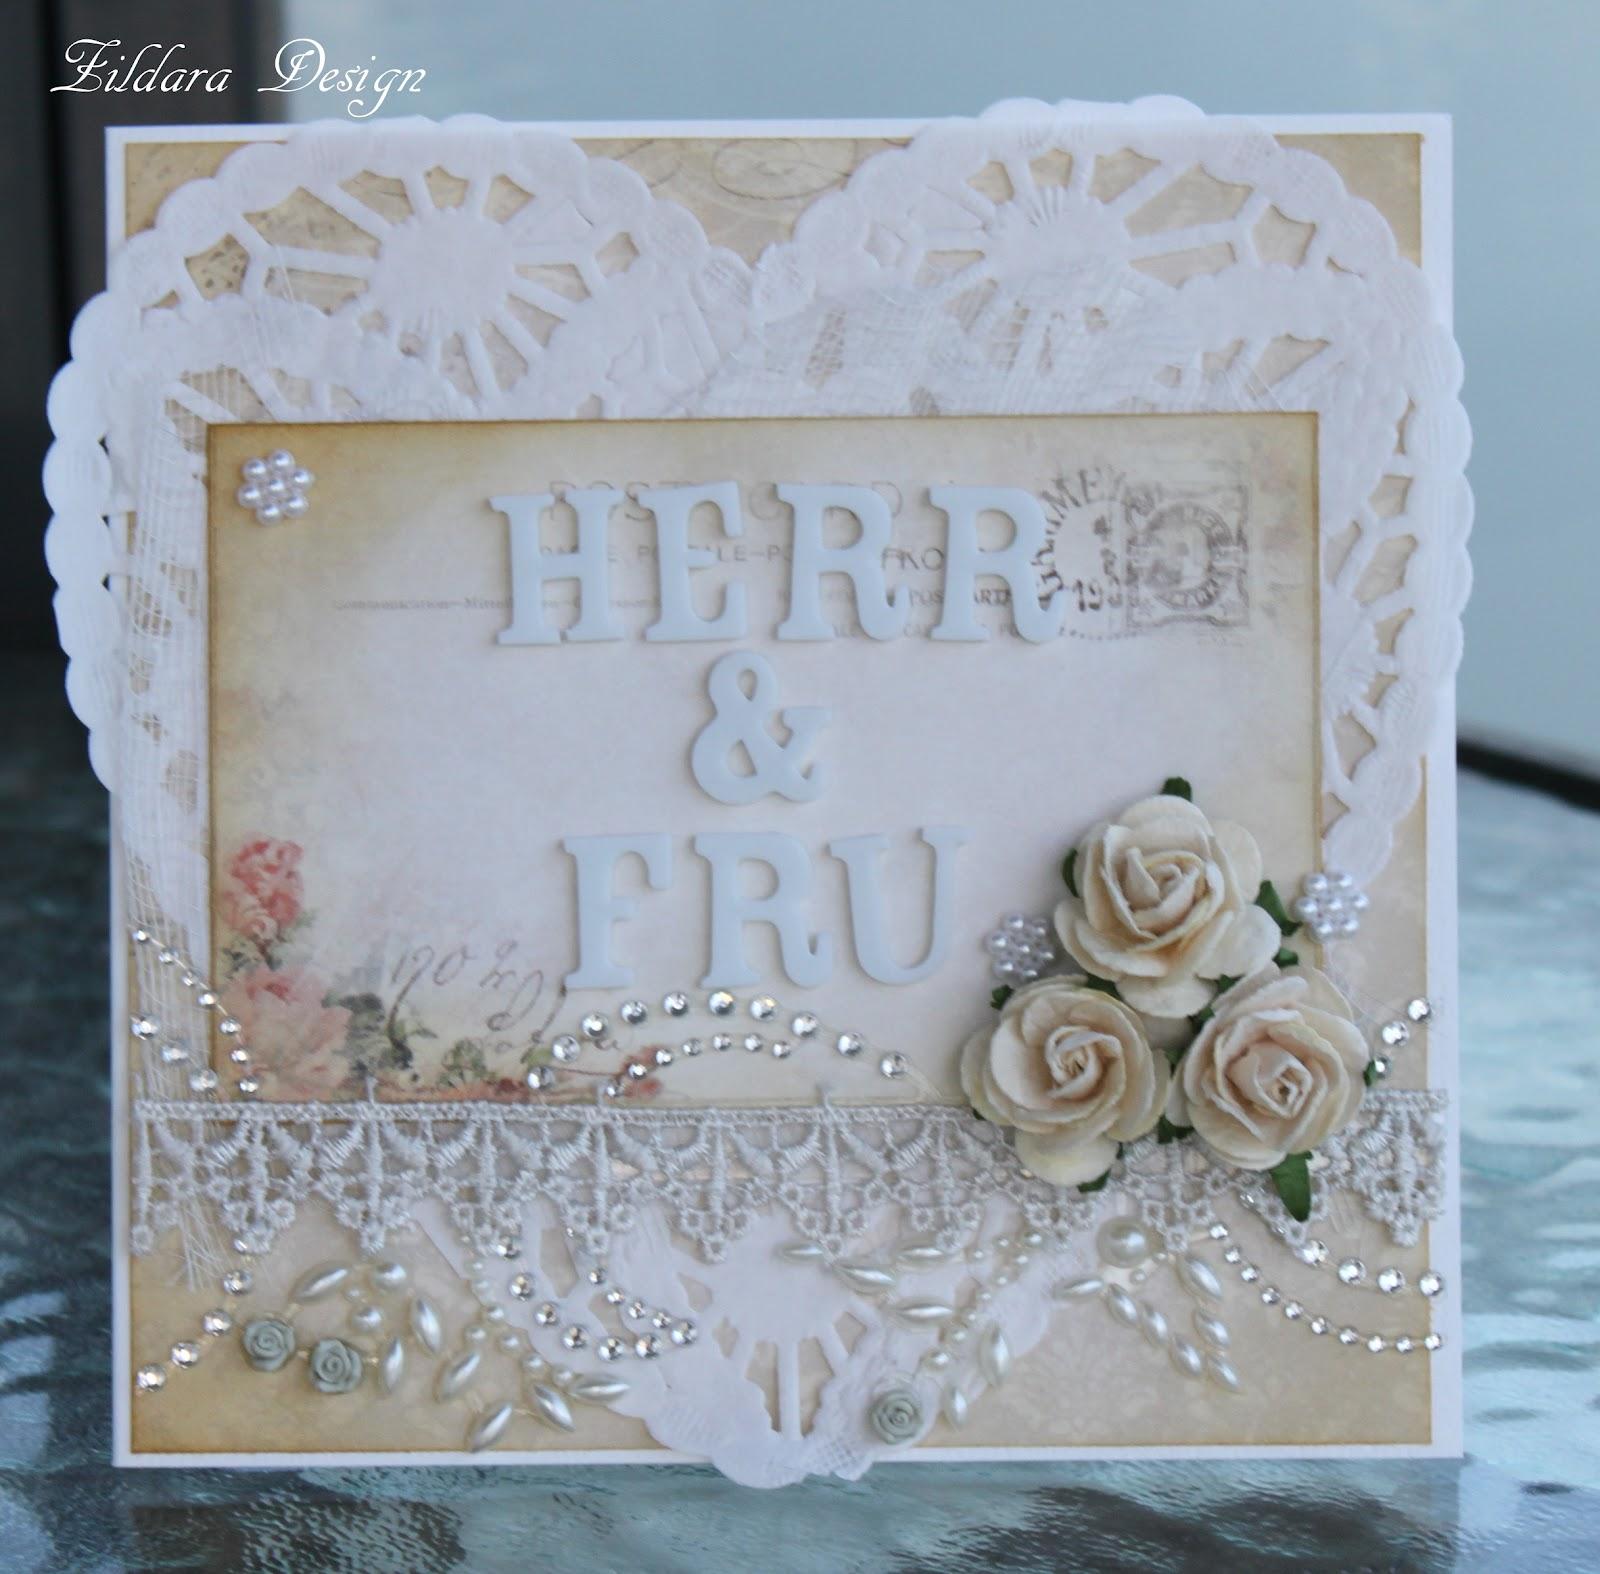 grattis brudparet Zildara design: Grattis till Brudparet! grattis brudparet